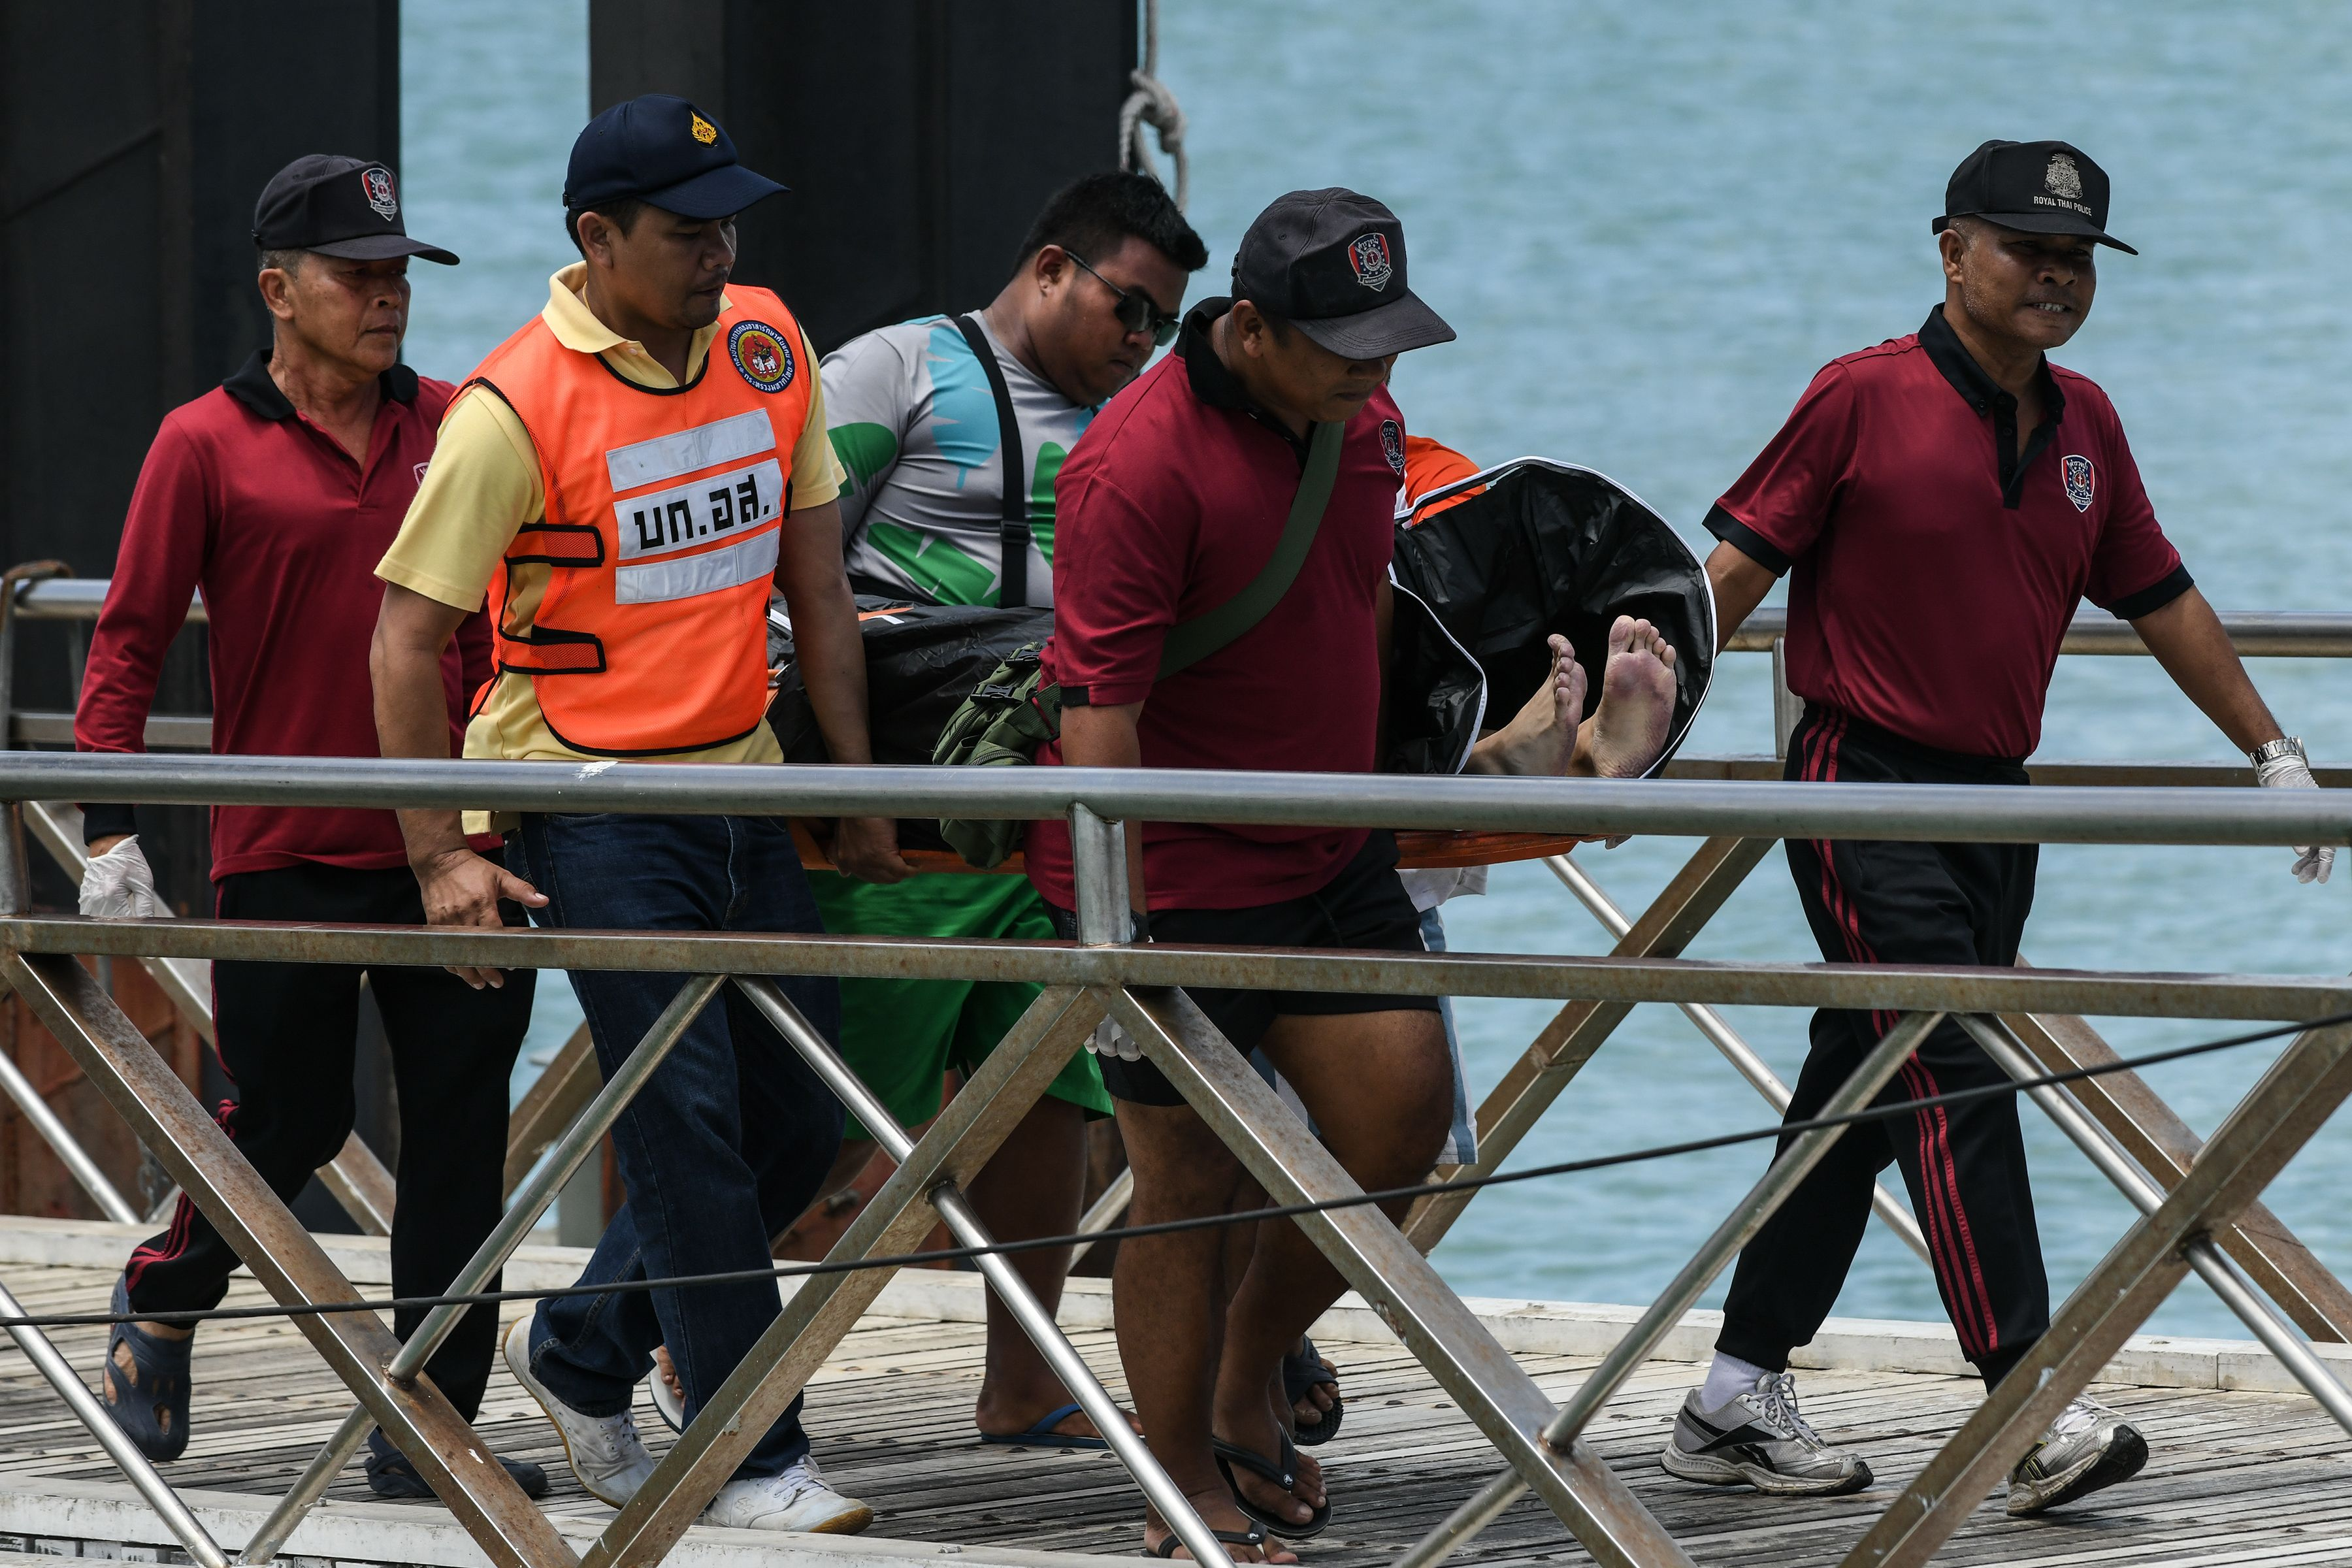 ارتفاع حصيلة ضحايا انقلاب قارب جنوبى البلاد إلى 10 قتلى